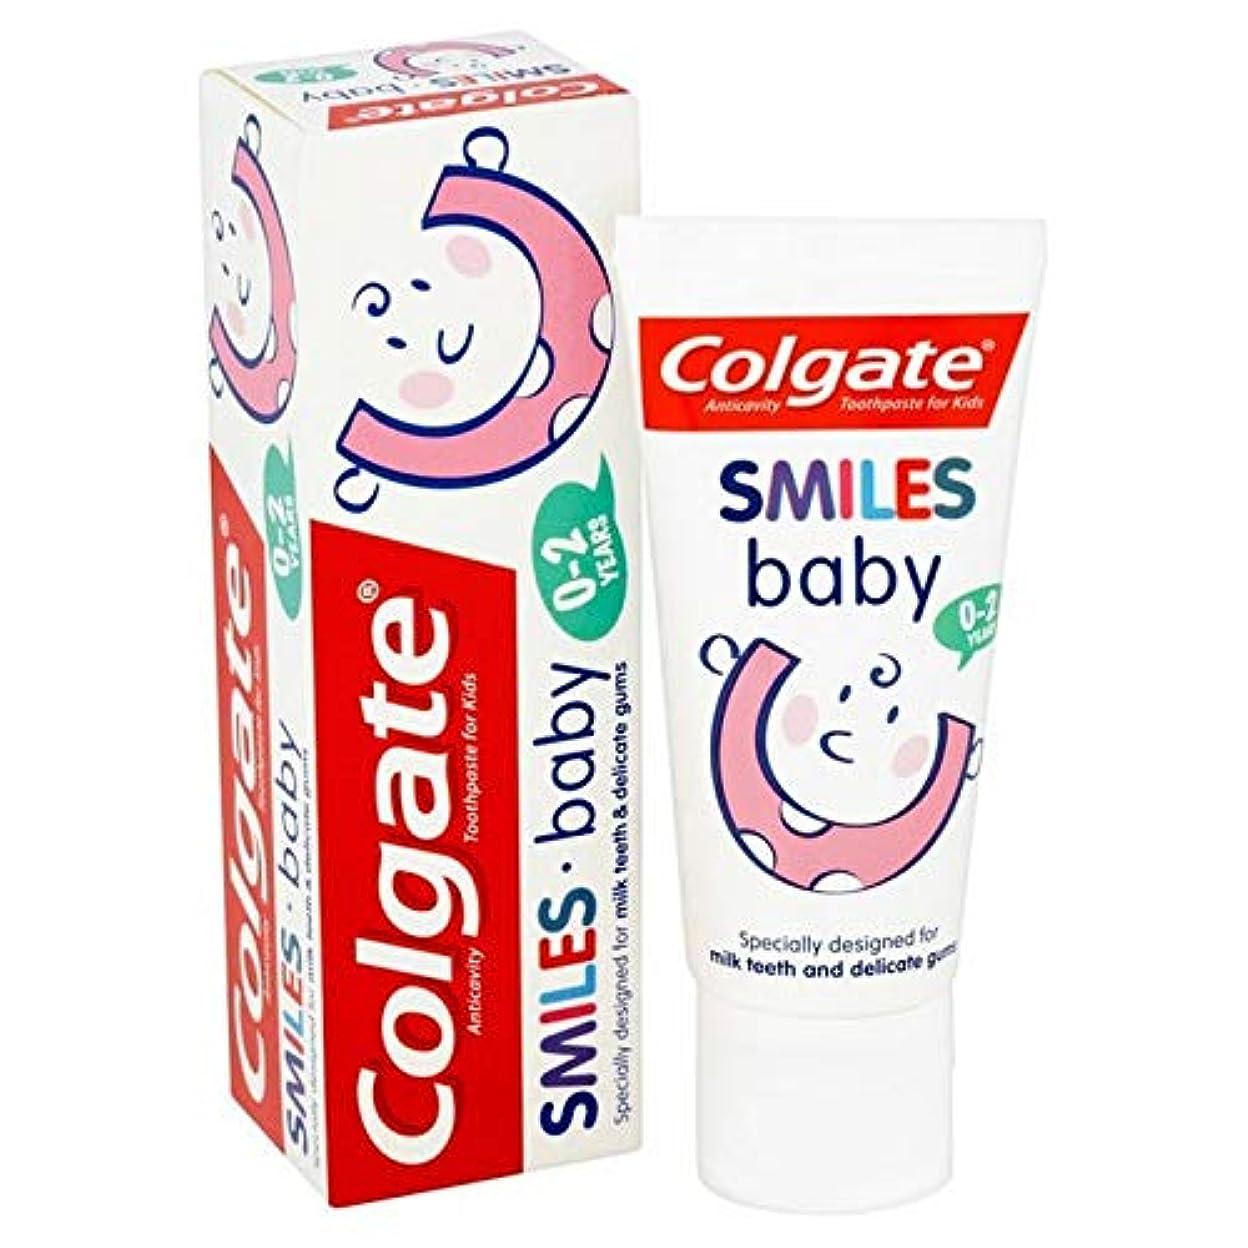 不透明な家禽初期[Colgate ] コルゲートは、赤ちゃんの0-2年の歯磨き粉50ミリリットルを笑顔 - Colgate Smiles Baby 0-2 years Toothpaste 50ml [並行輸入品]